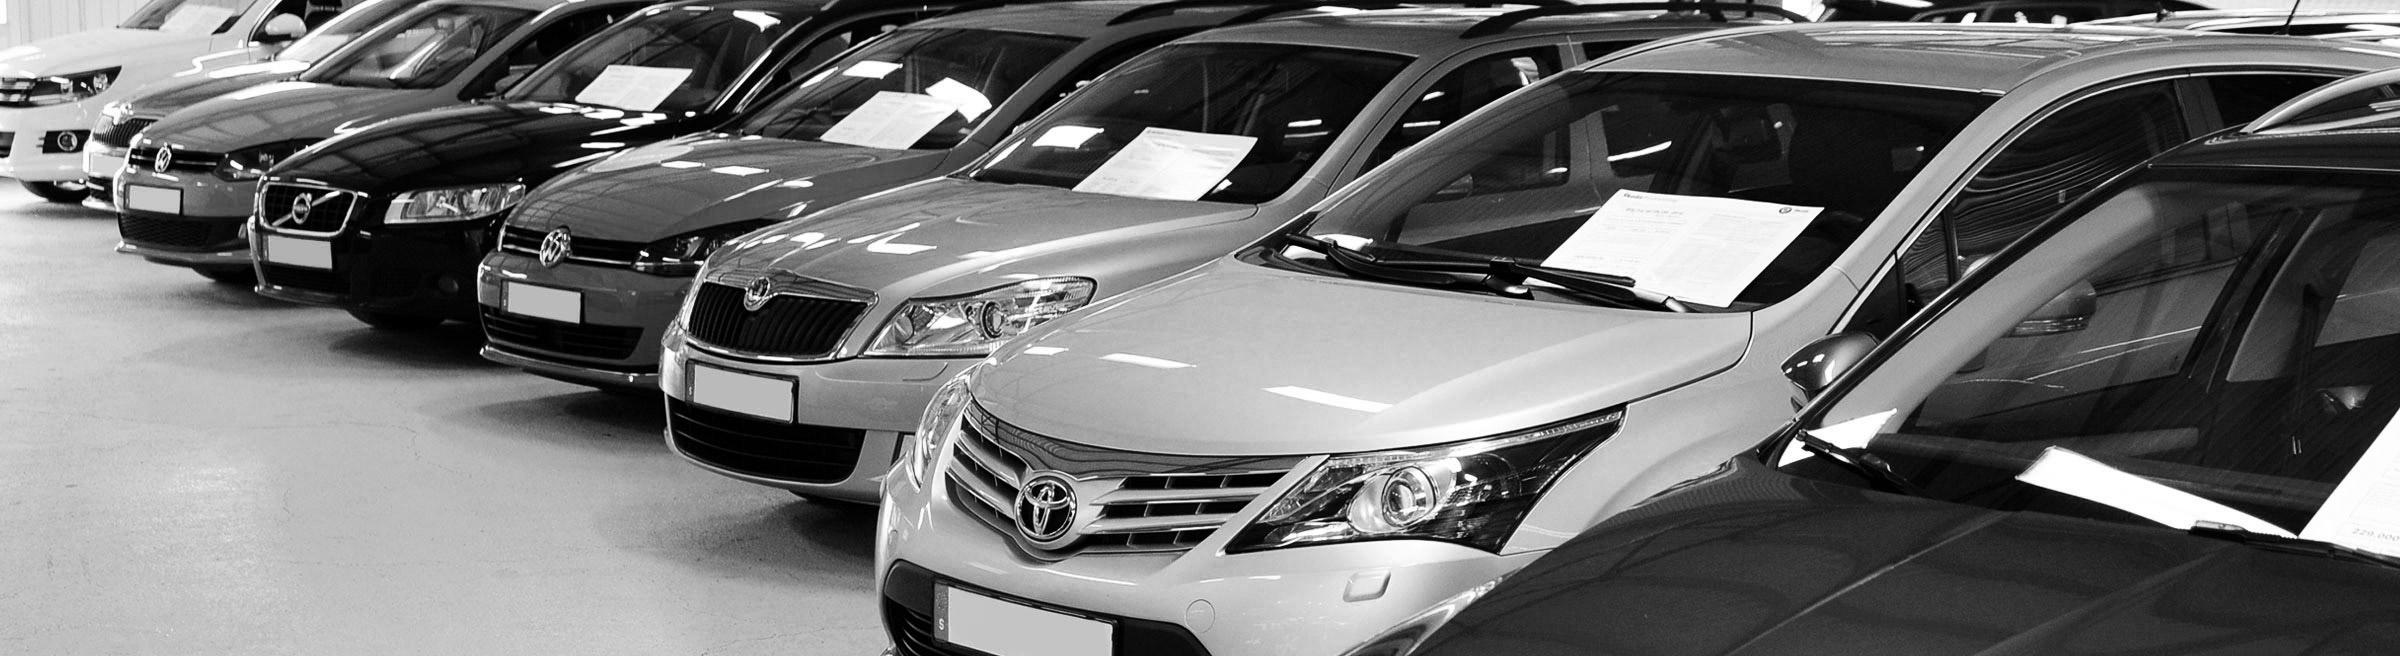 Köp din begagnade bil hos Toveks - MRF garanti